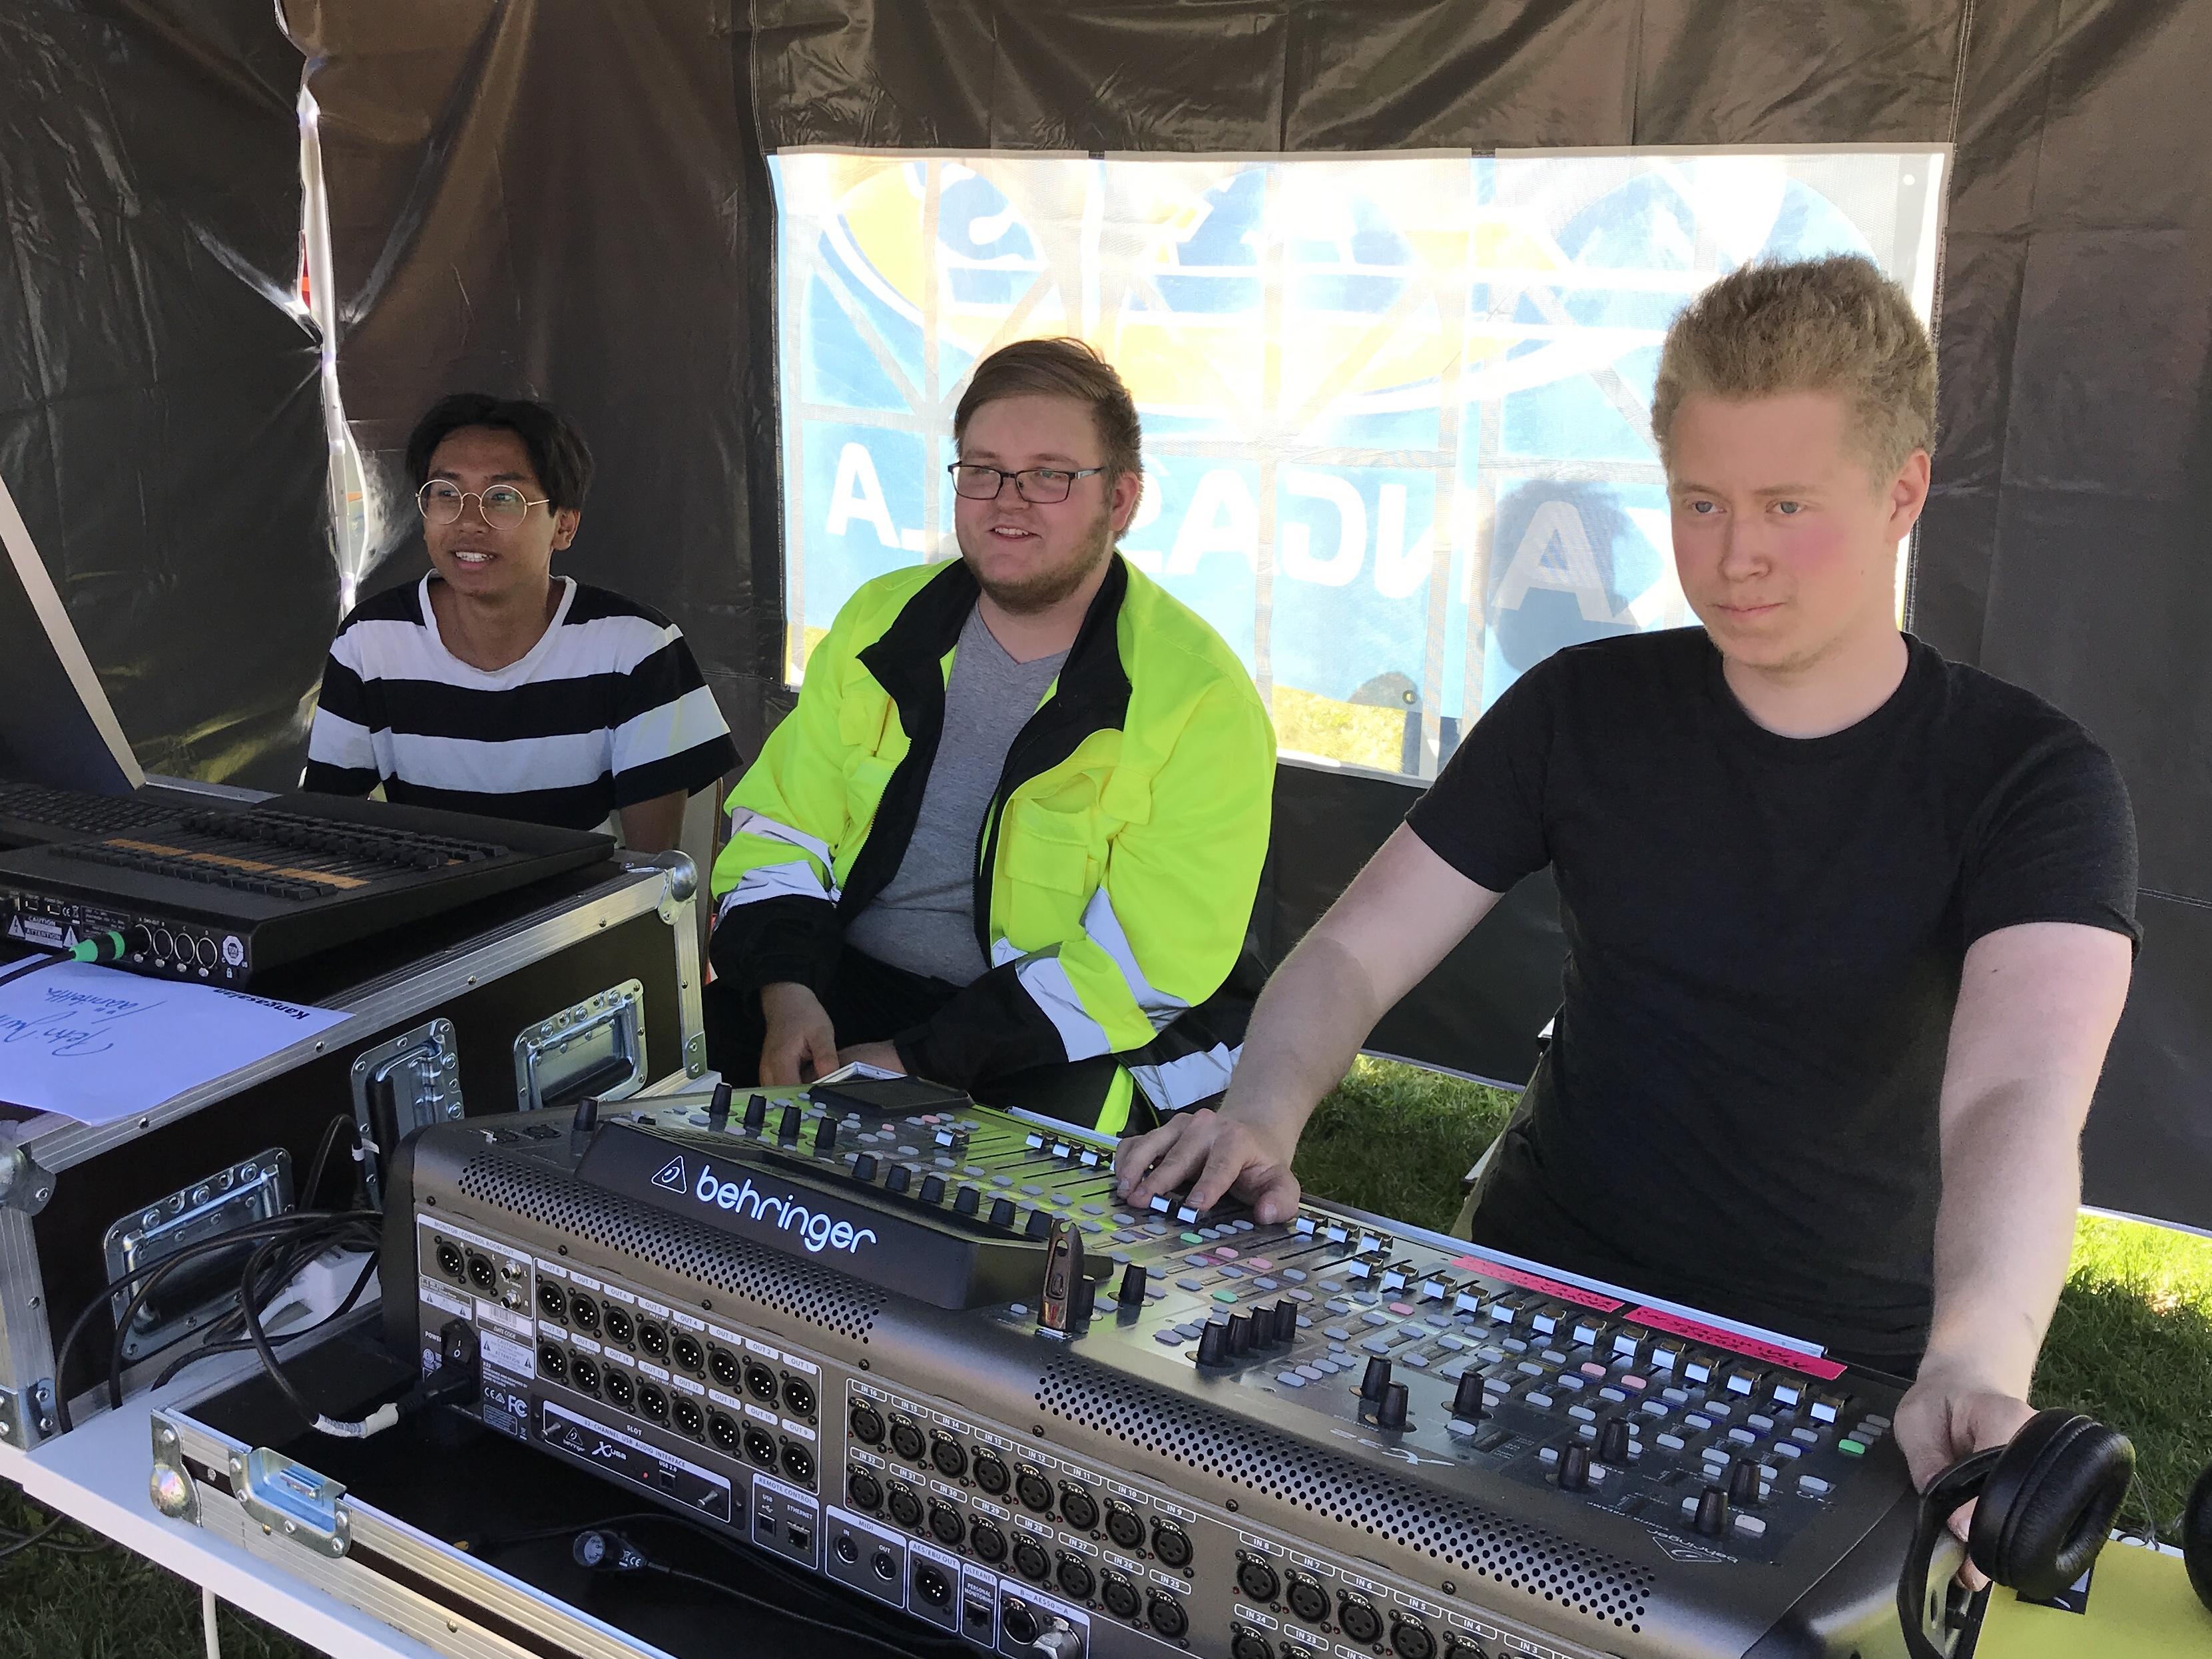 Skandium Media eli Warit Kohonen (vas), Santtu Reinikka ja Aleksi Nurminen työssään Omppurokissa toukokuussa 2019 Kangasalla.